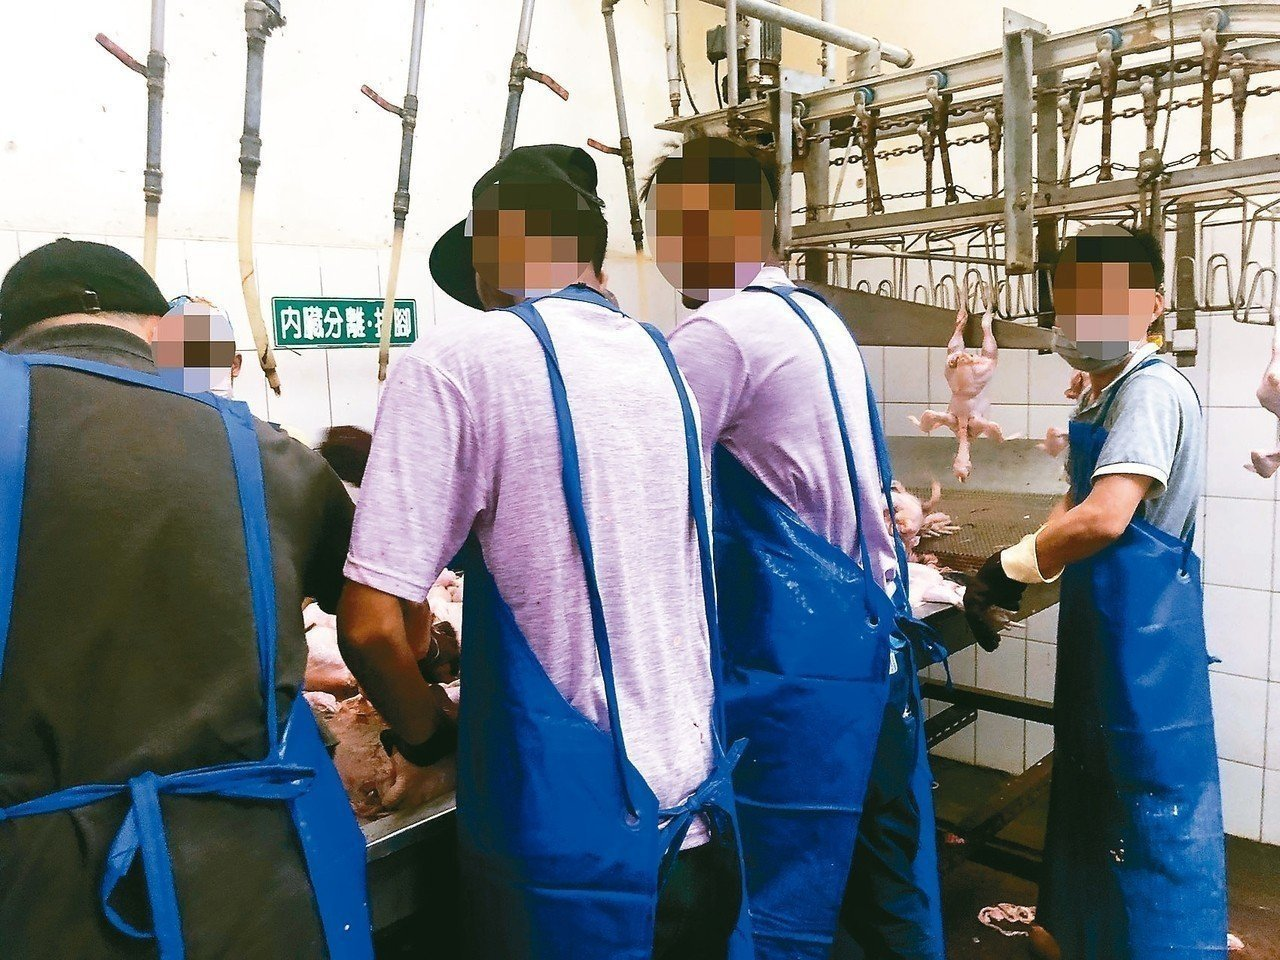 圖為康寧大學之前的斯里蘭卡學生在台灣屠宰場打工情形。 圖/教團提供